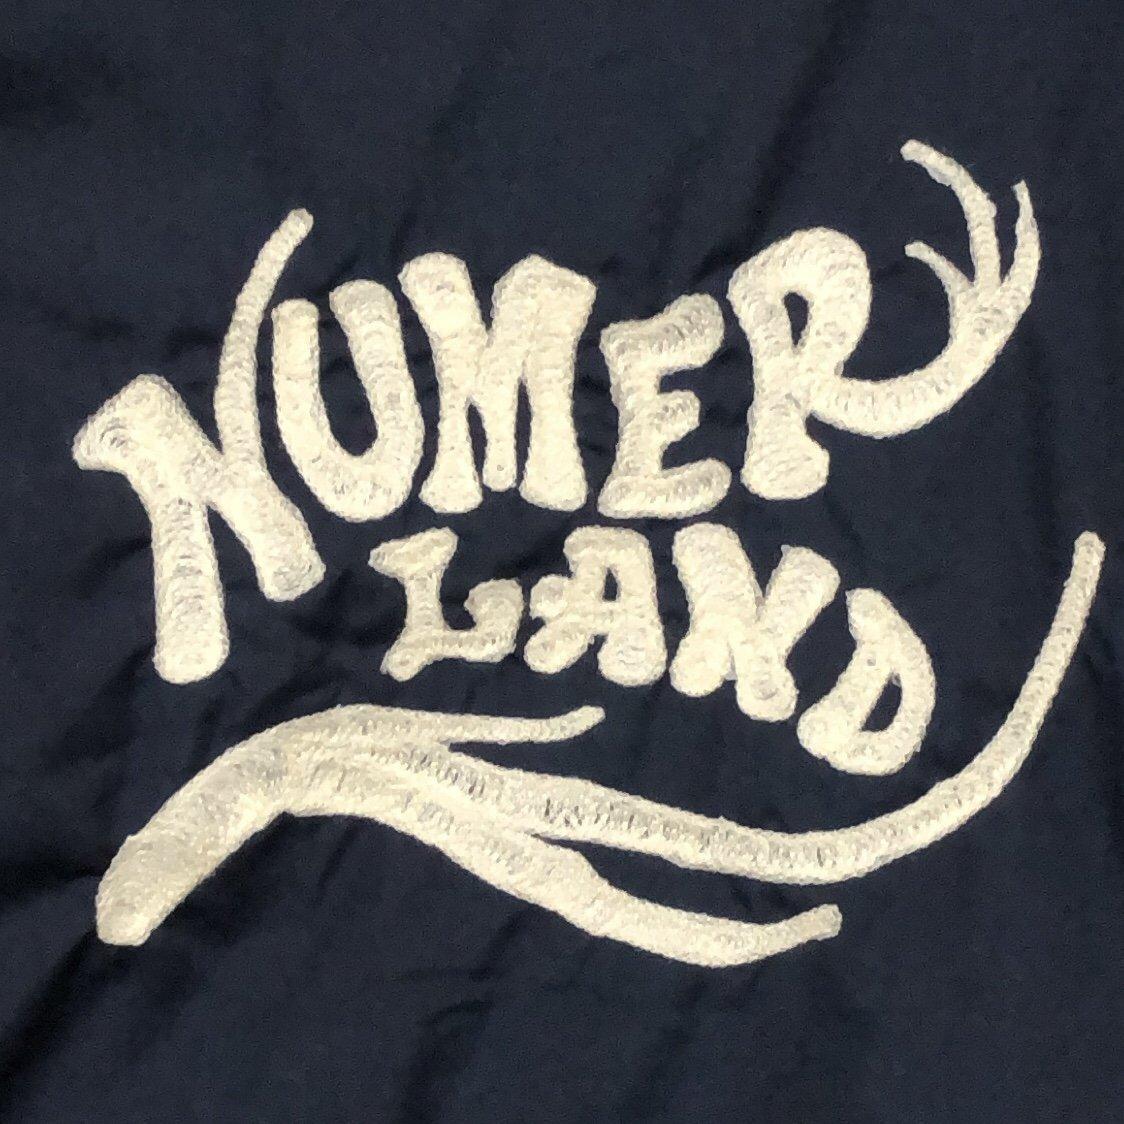 ヌマーランド刺繍のイメージその2